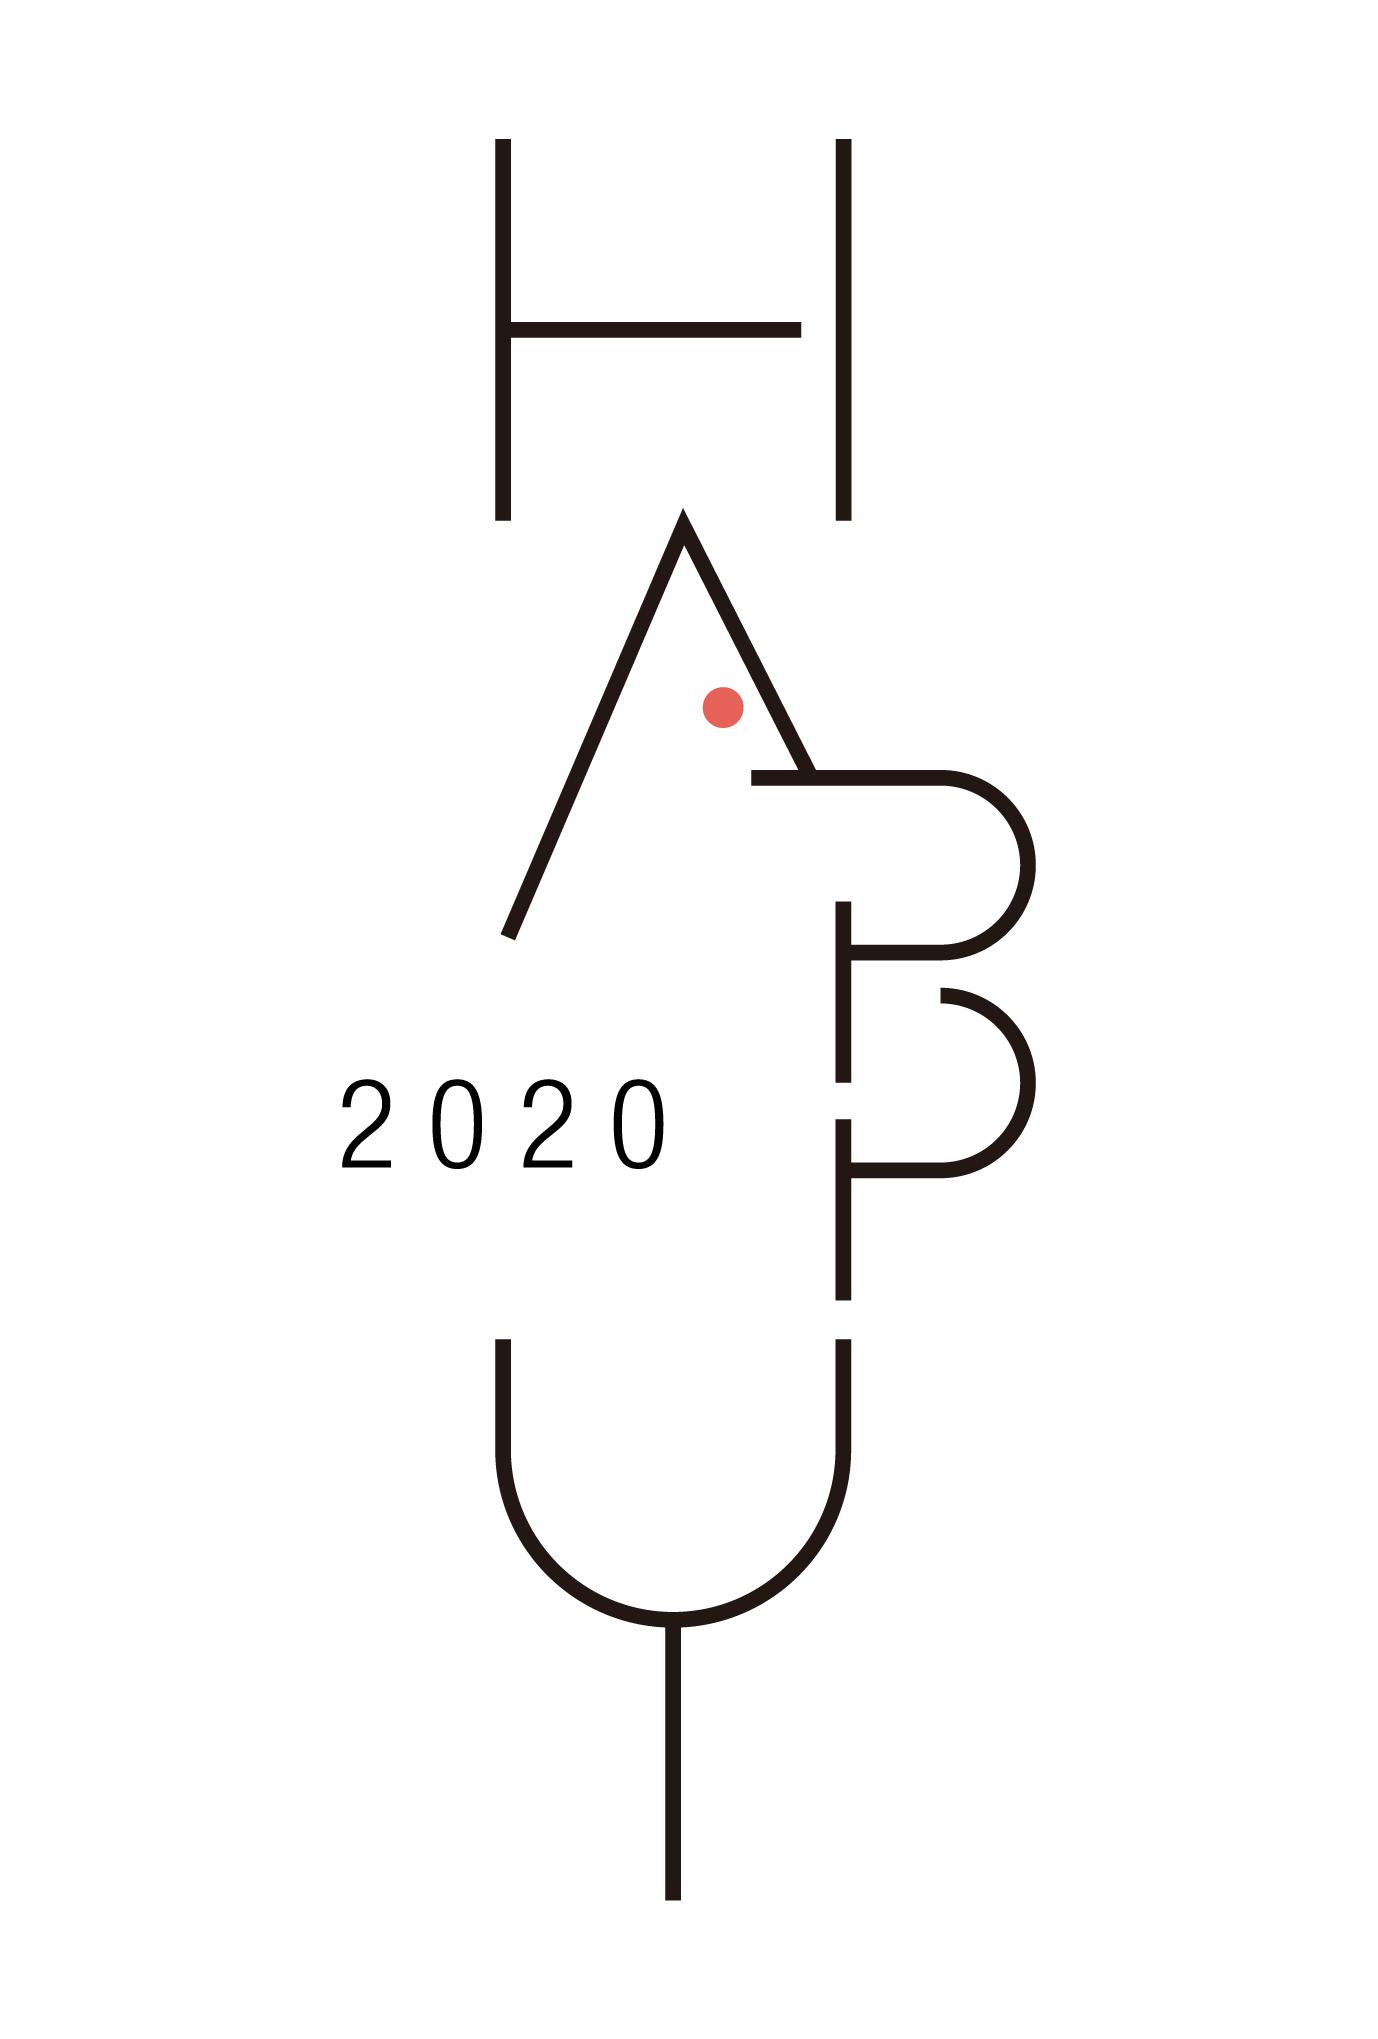 2020年賀状15-1:HAPPY MOUSE / Bのダウンロード画像